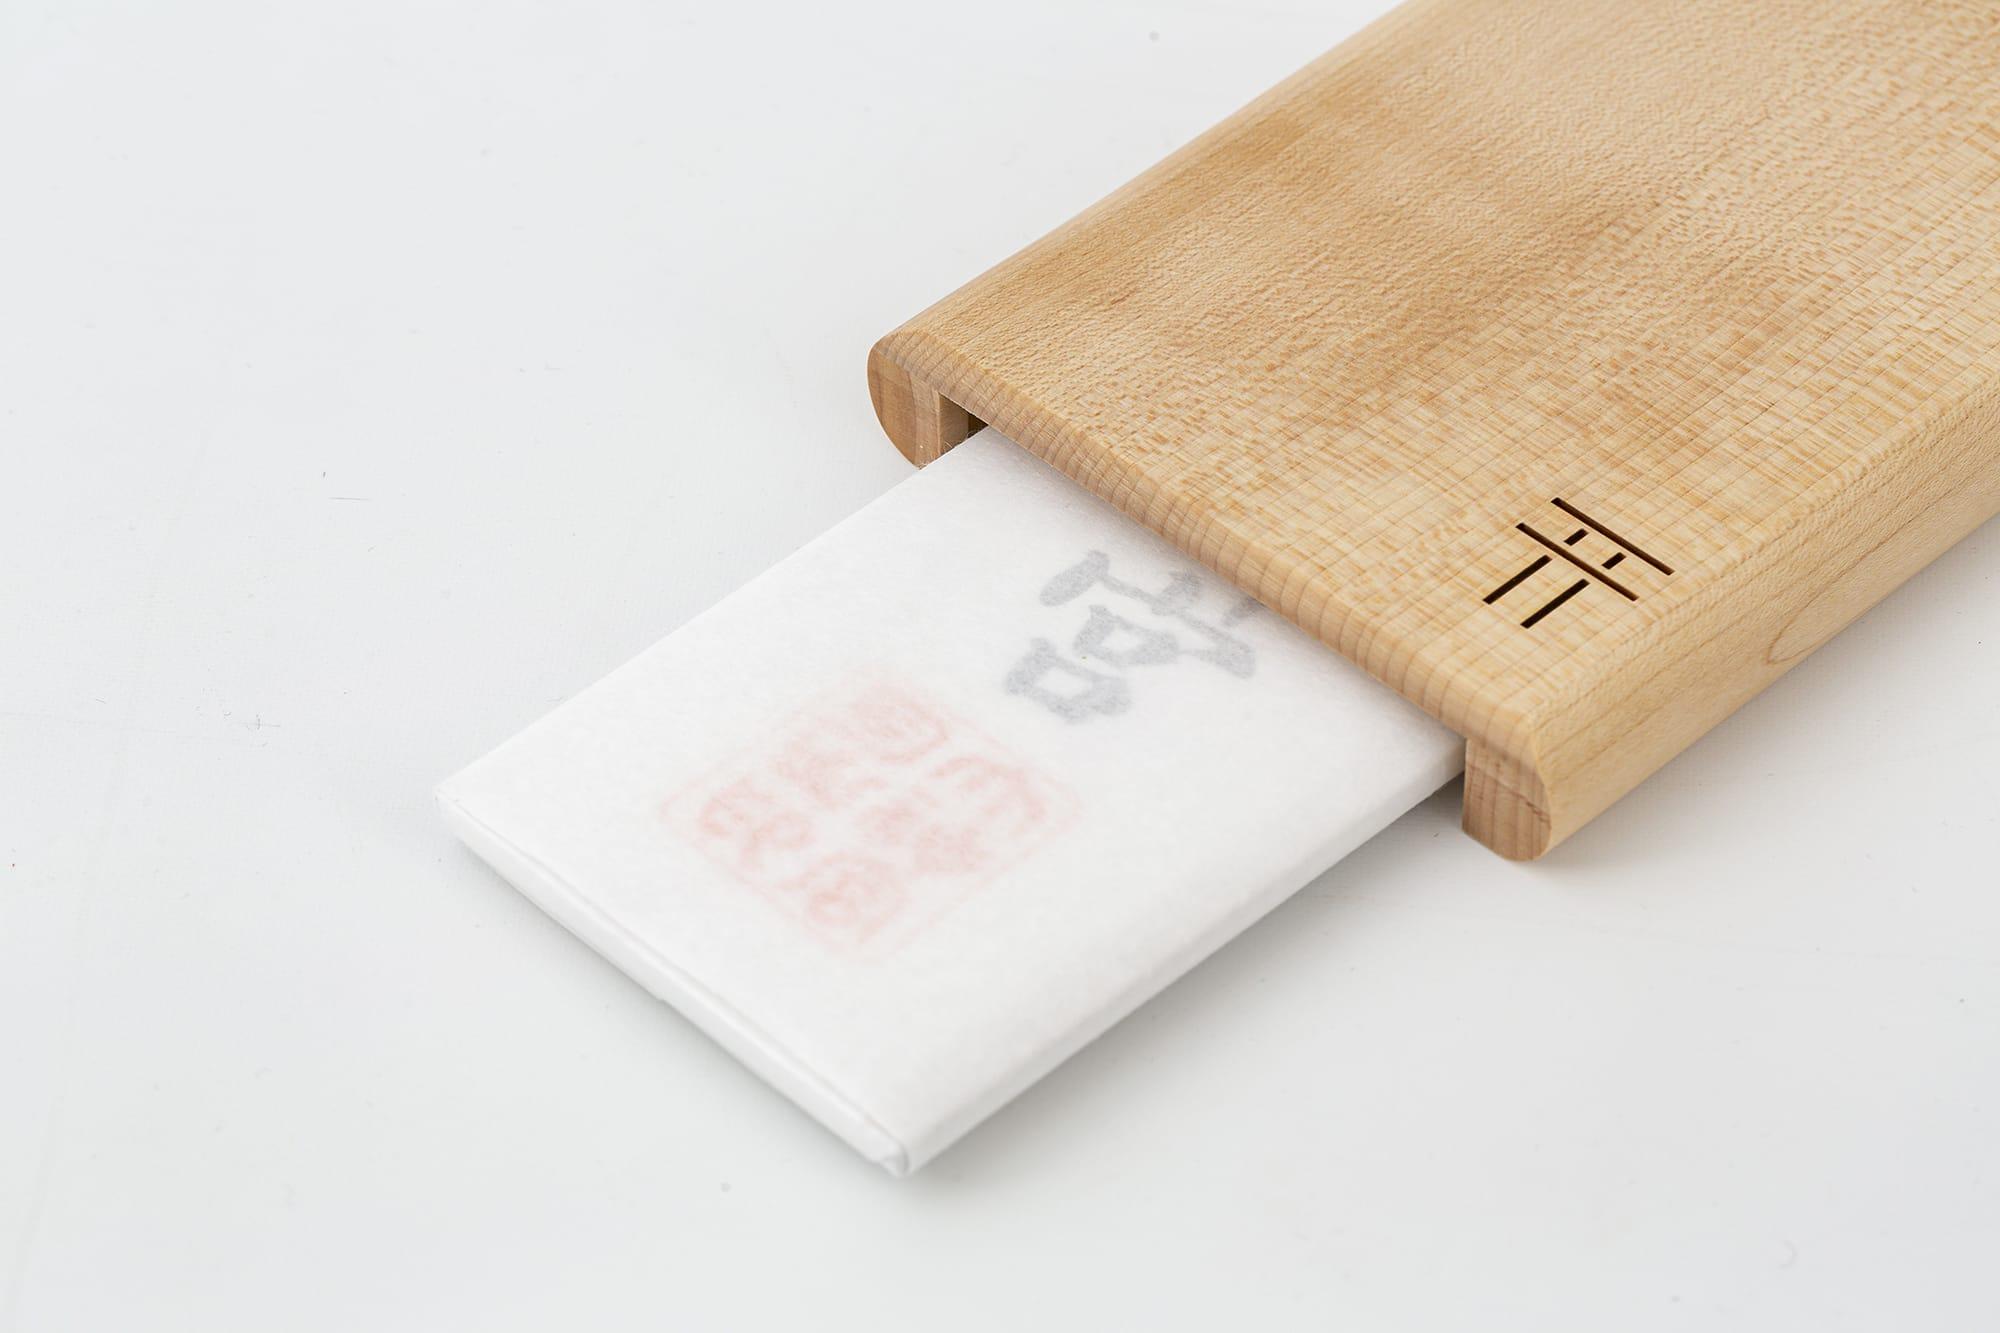 薄いものから厚みのあるものまで収納でき、お札をしっかり守る。